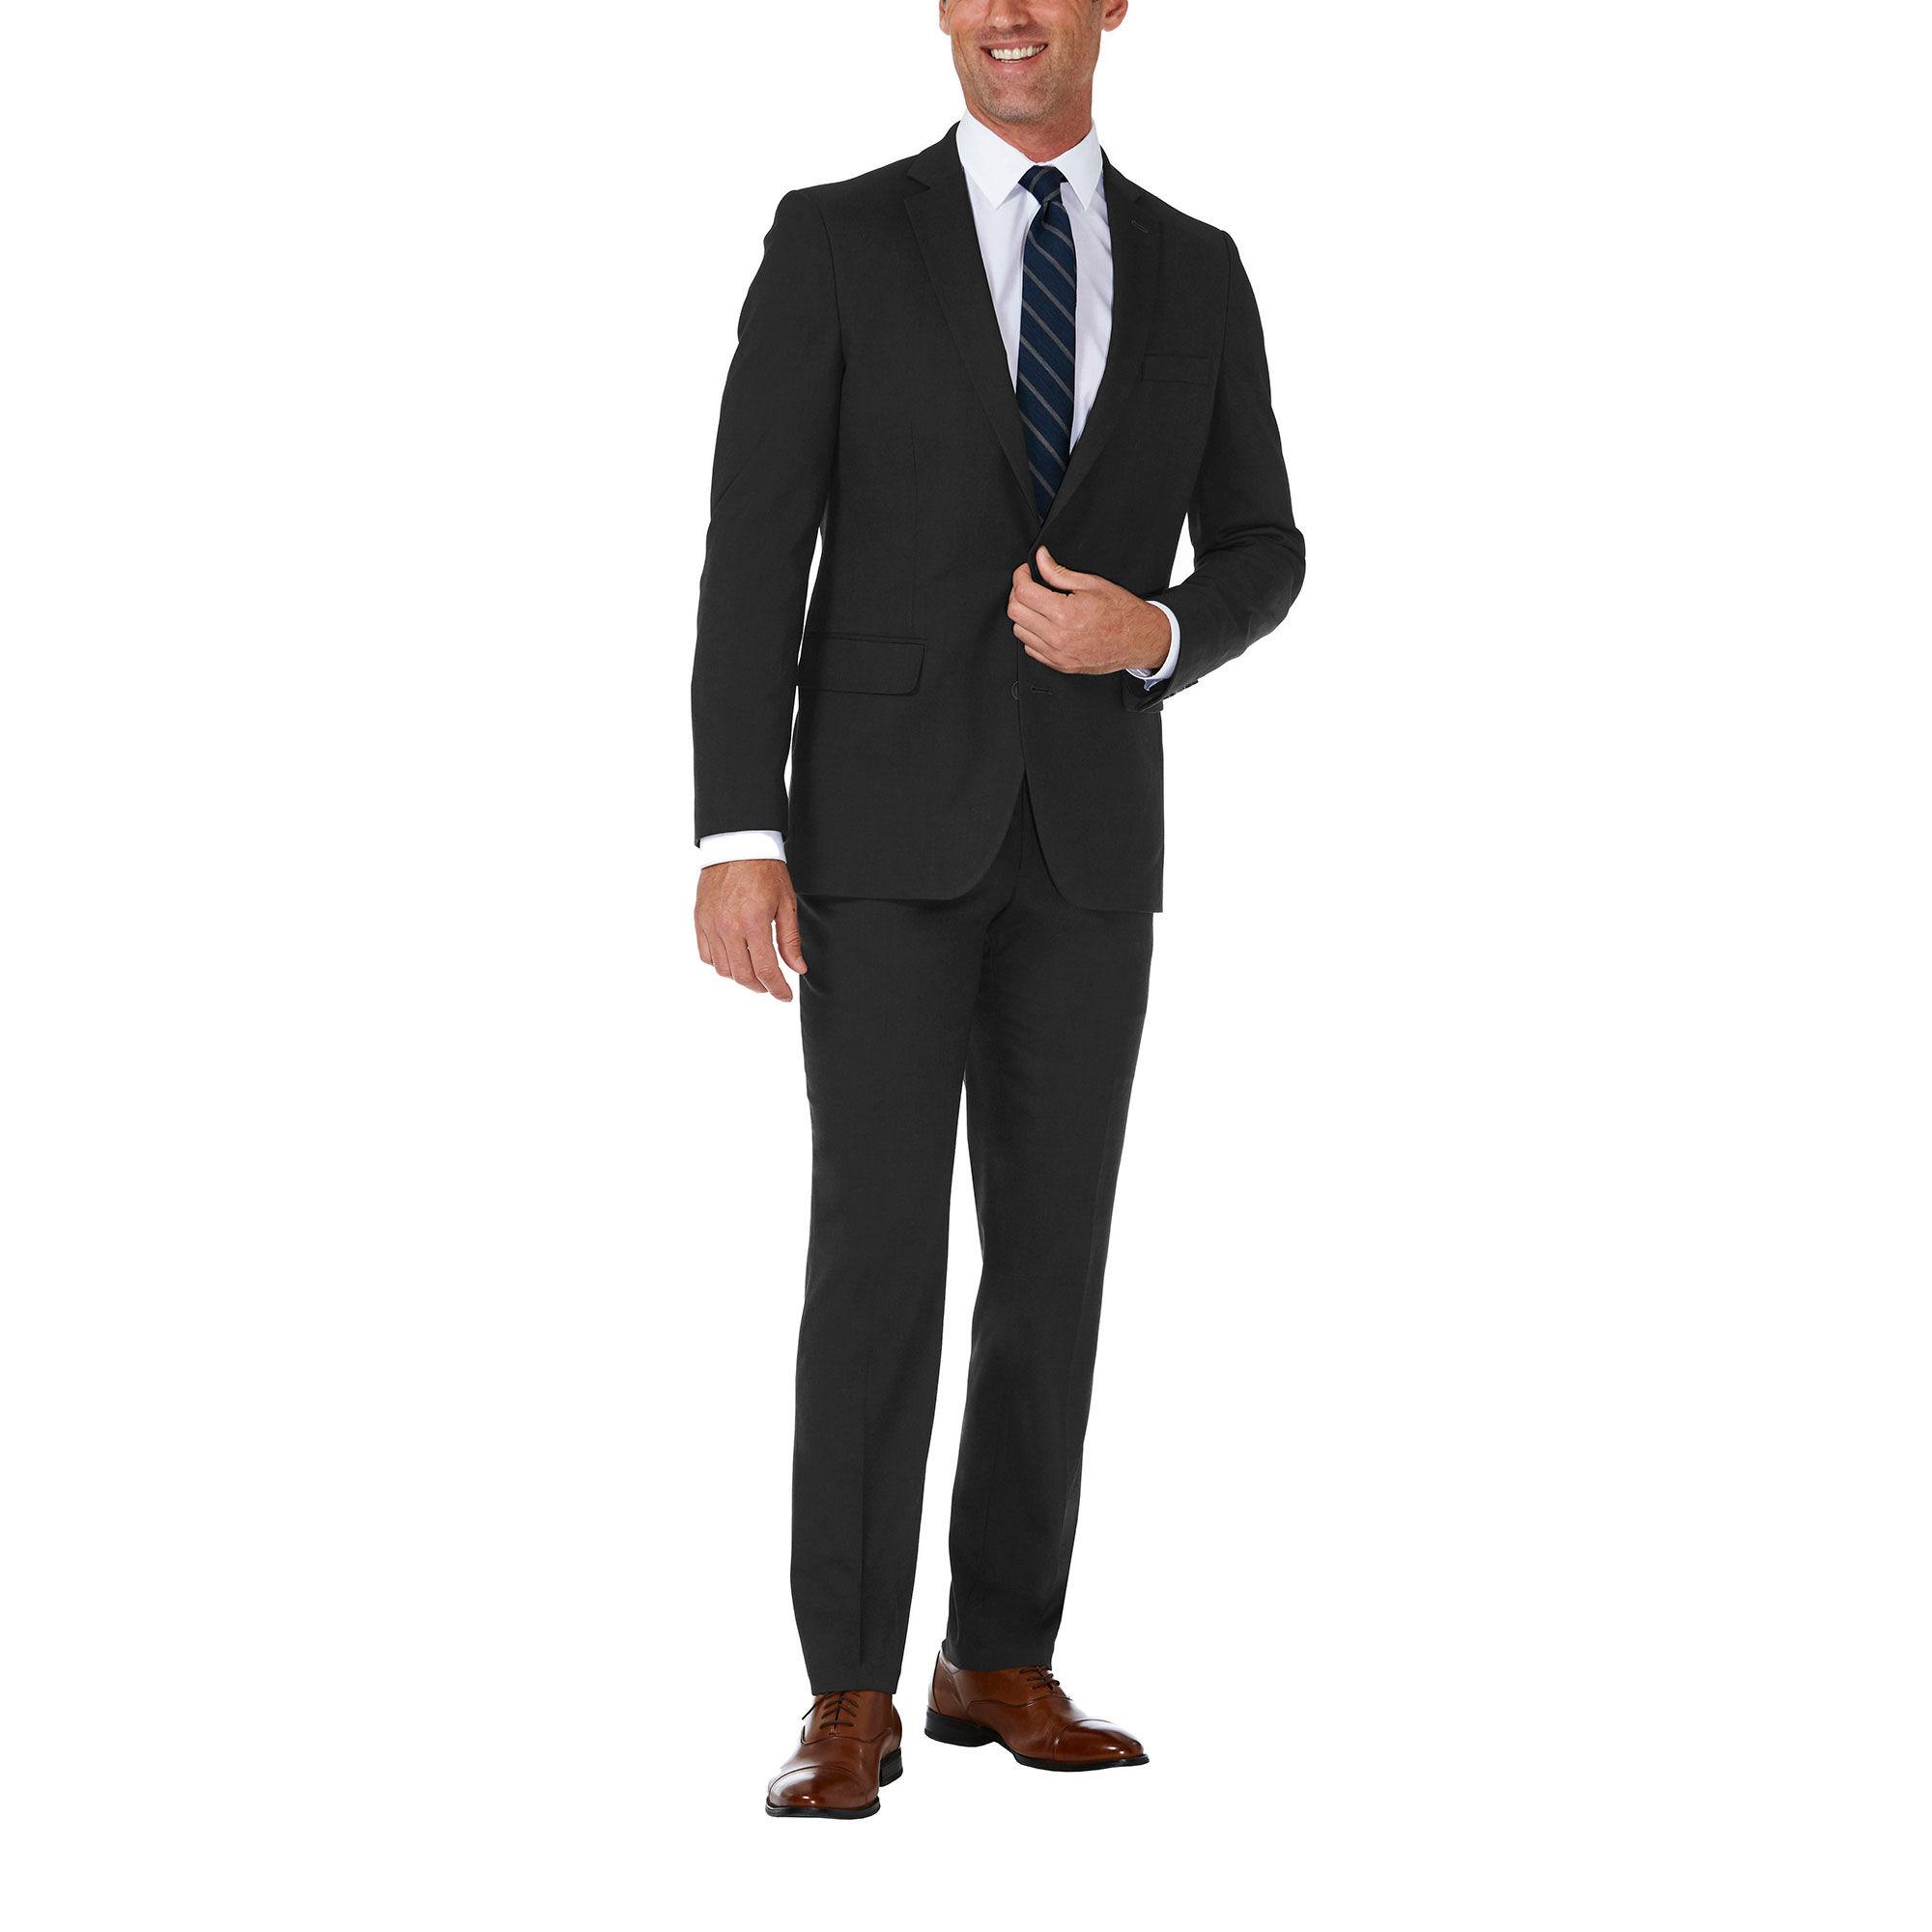 60b19c55 J.M. Haggar Premium Stretch Suit Jacket, Black, hi-res